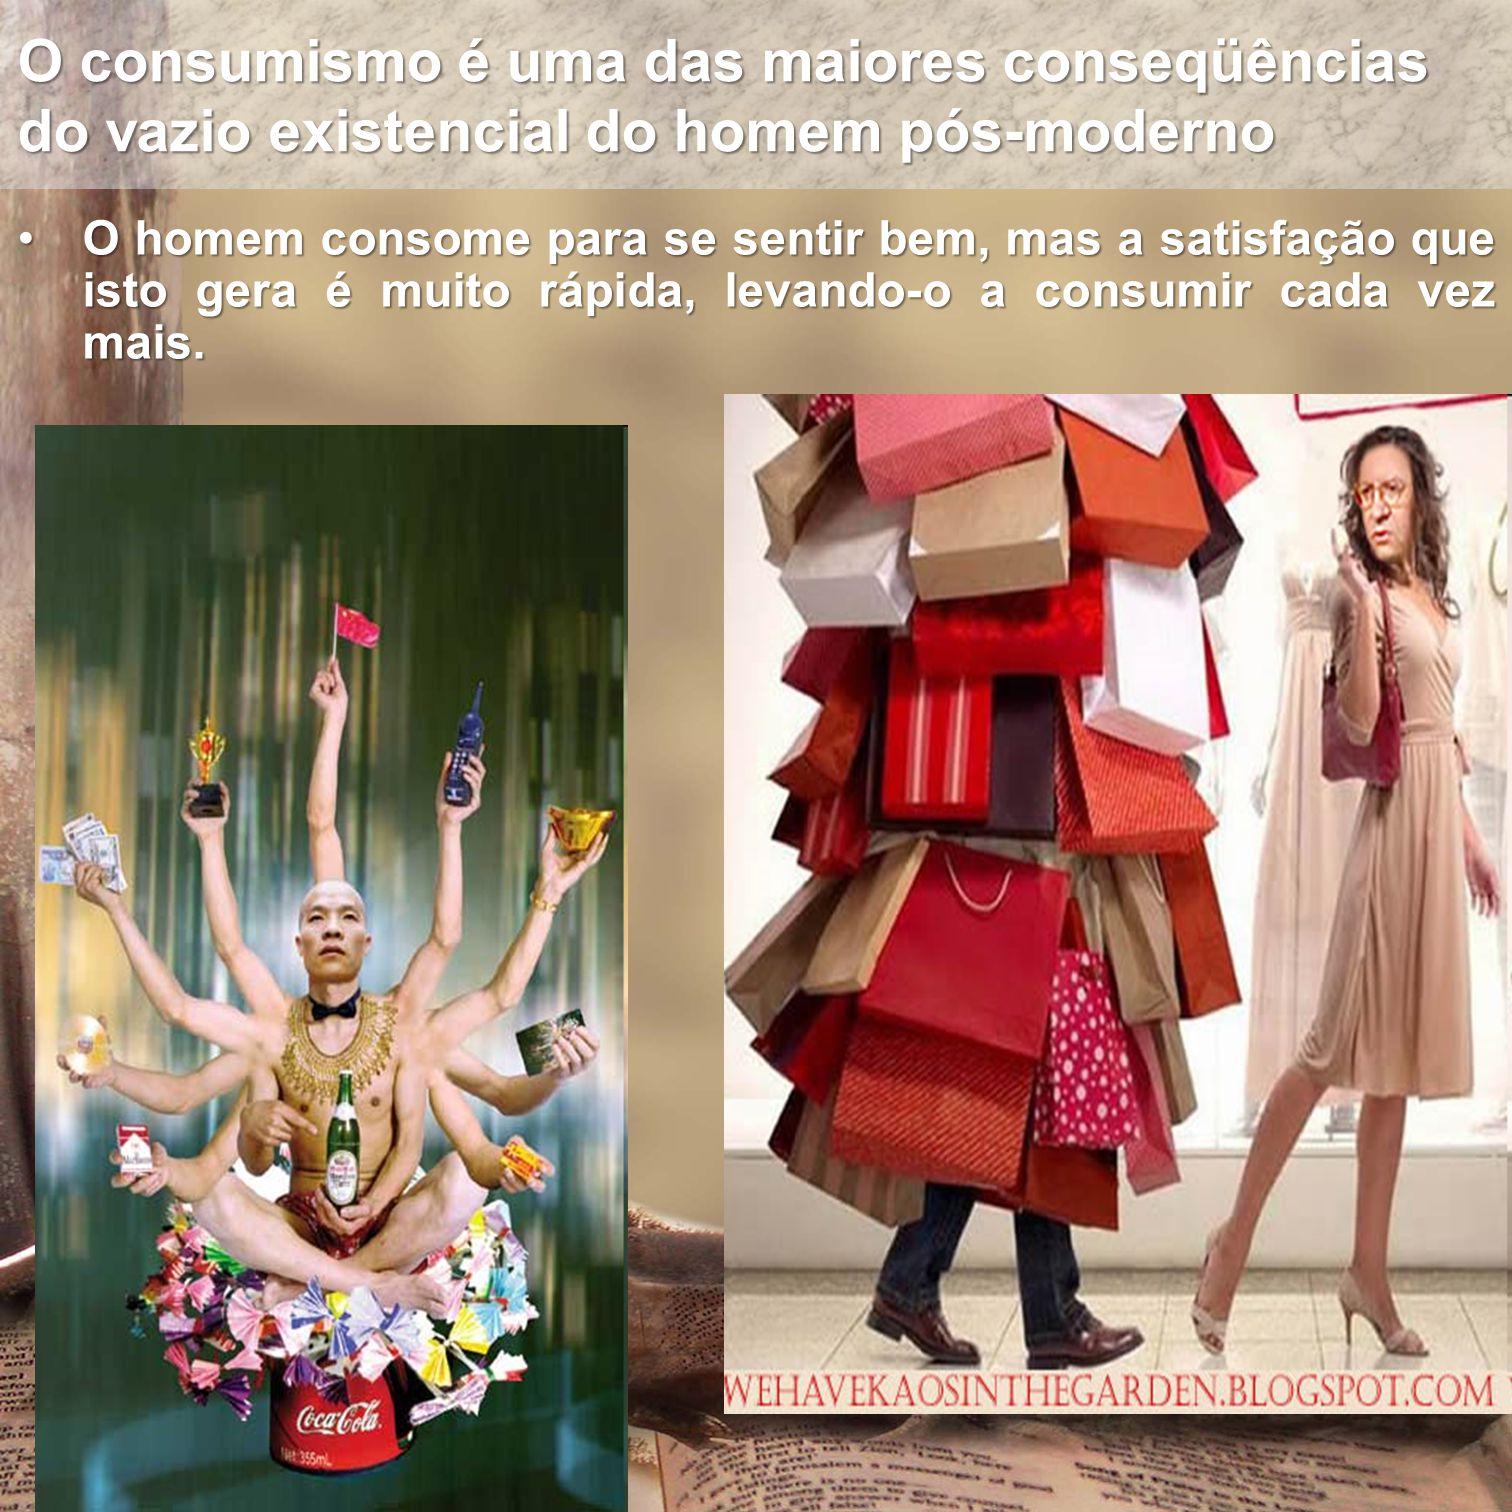 O consumismo é uma das maiores conseqüências do vazio existencial do homem pós-moderno